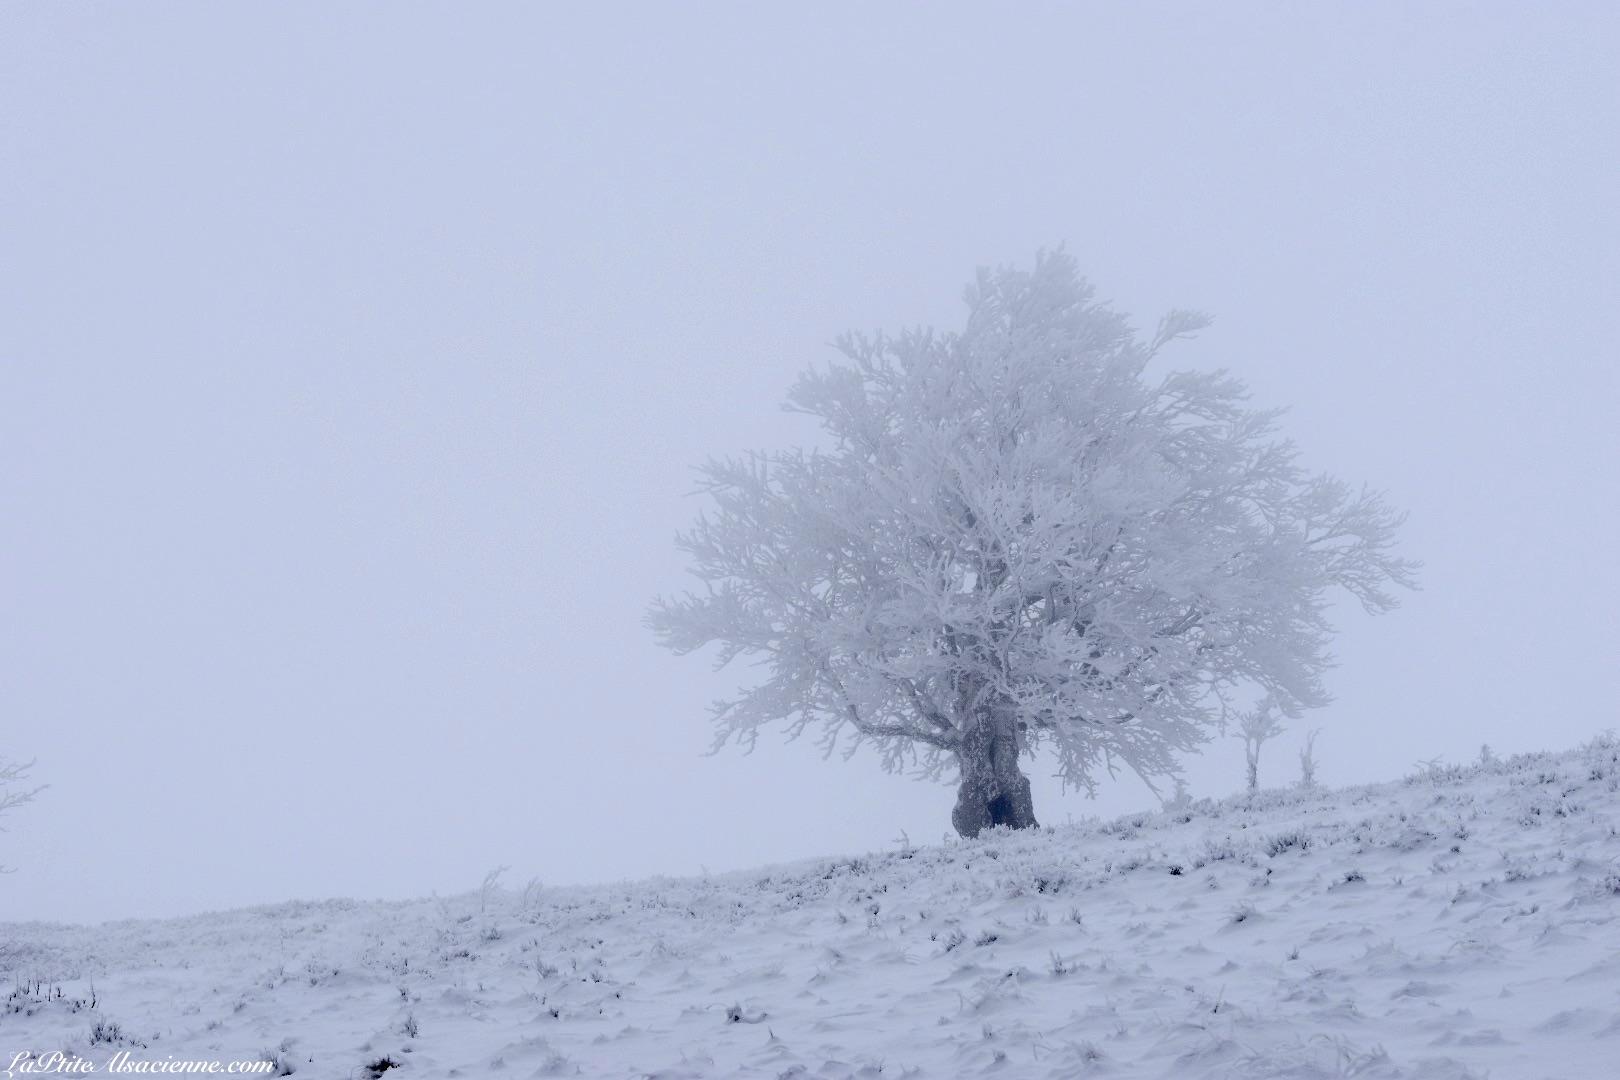 arbre gelé sur les hauteurs entre le Markstein et le Grand Ballon - Photo by LaPtiteAlsacienne - Cendrine Miesch